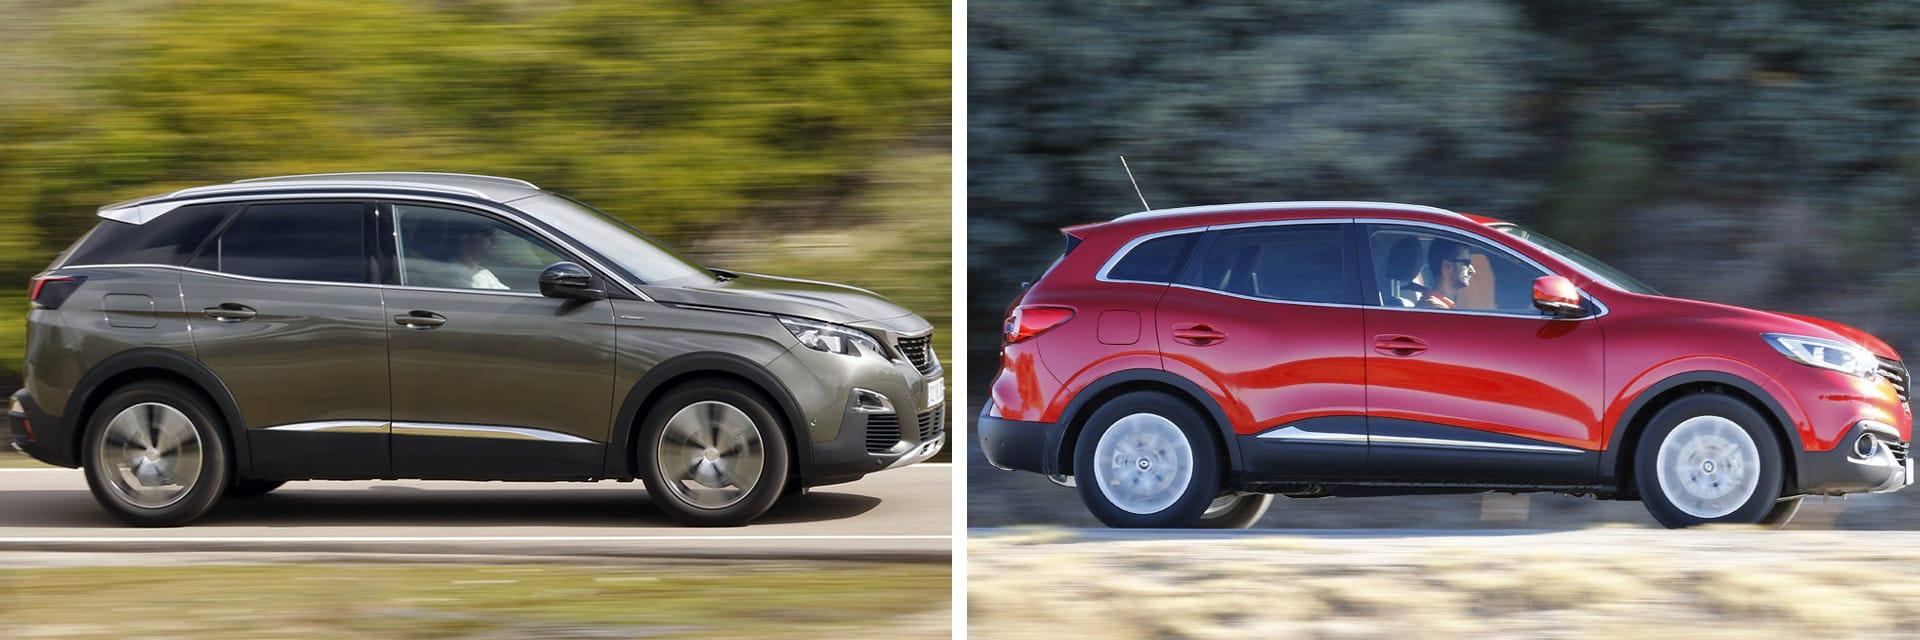 Las fotos del Peugeot 3008 corresponden al acabado GT Line. Las fotos del Renault Kadjar corresponden al acabado Zen Energy. Fotos cedidas por KM77.